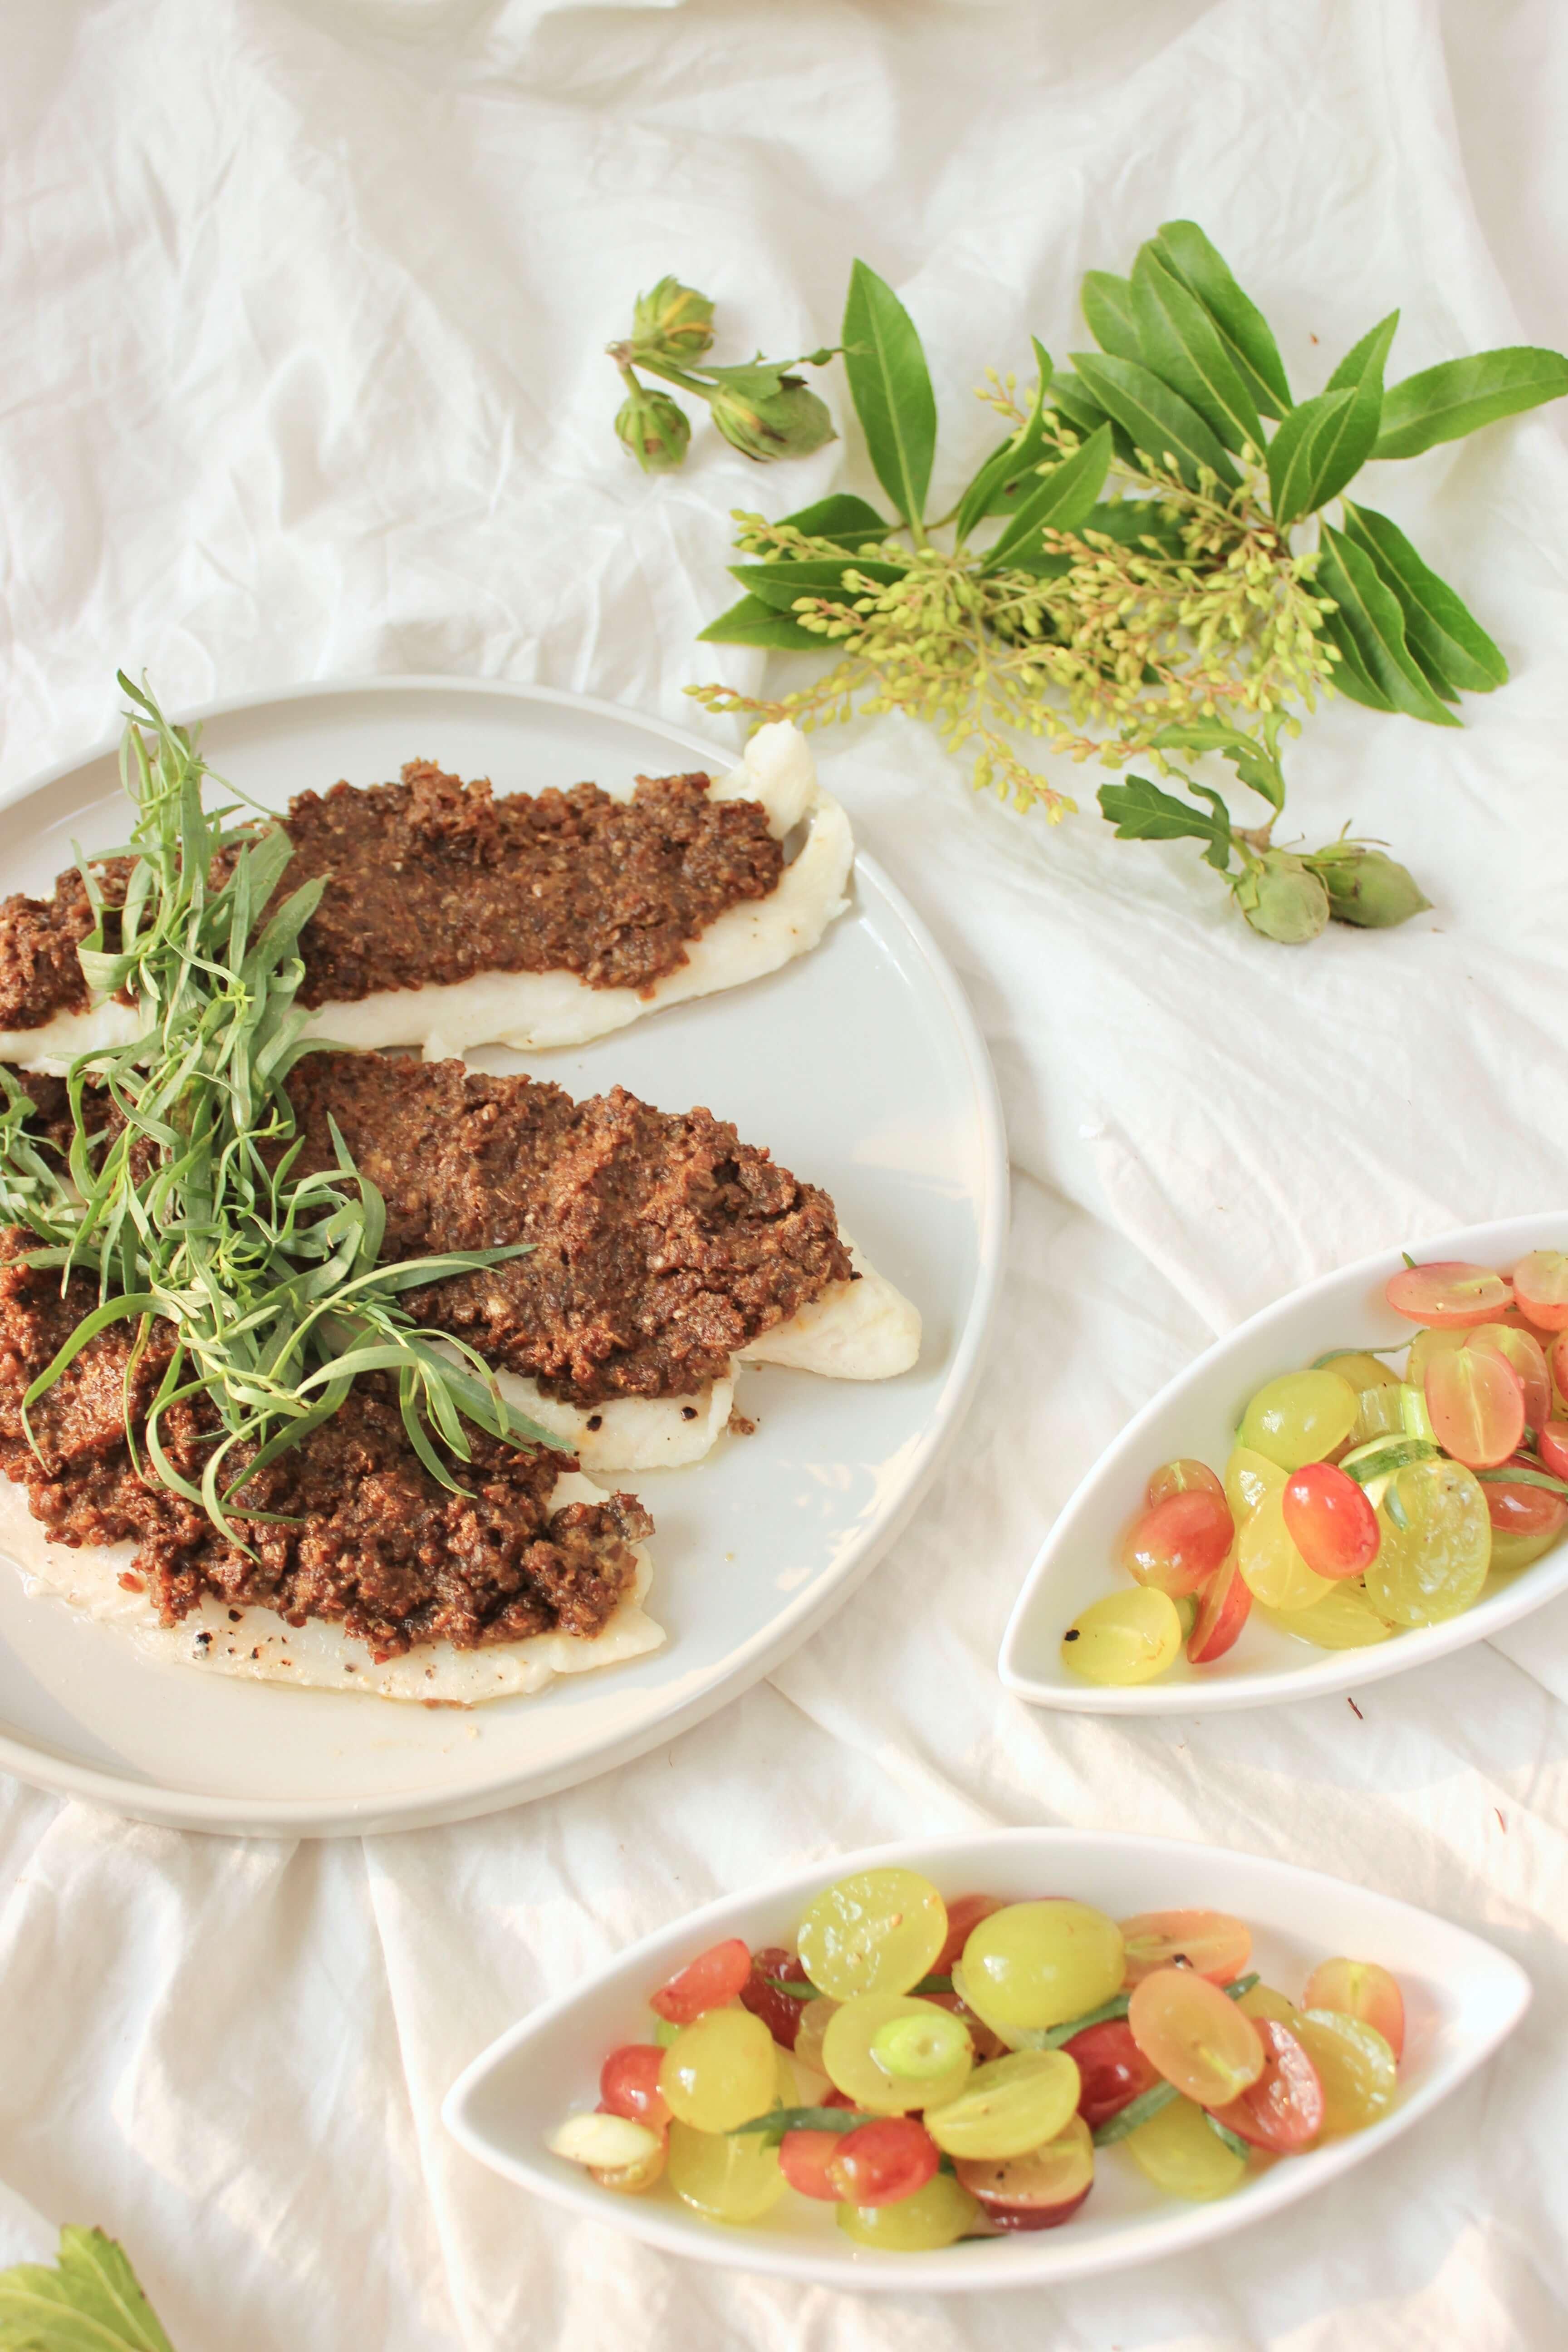 DIY Rezept: Fisch Im Ofen Selber Machen: Einfach, Gesund, Vegetarisch